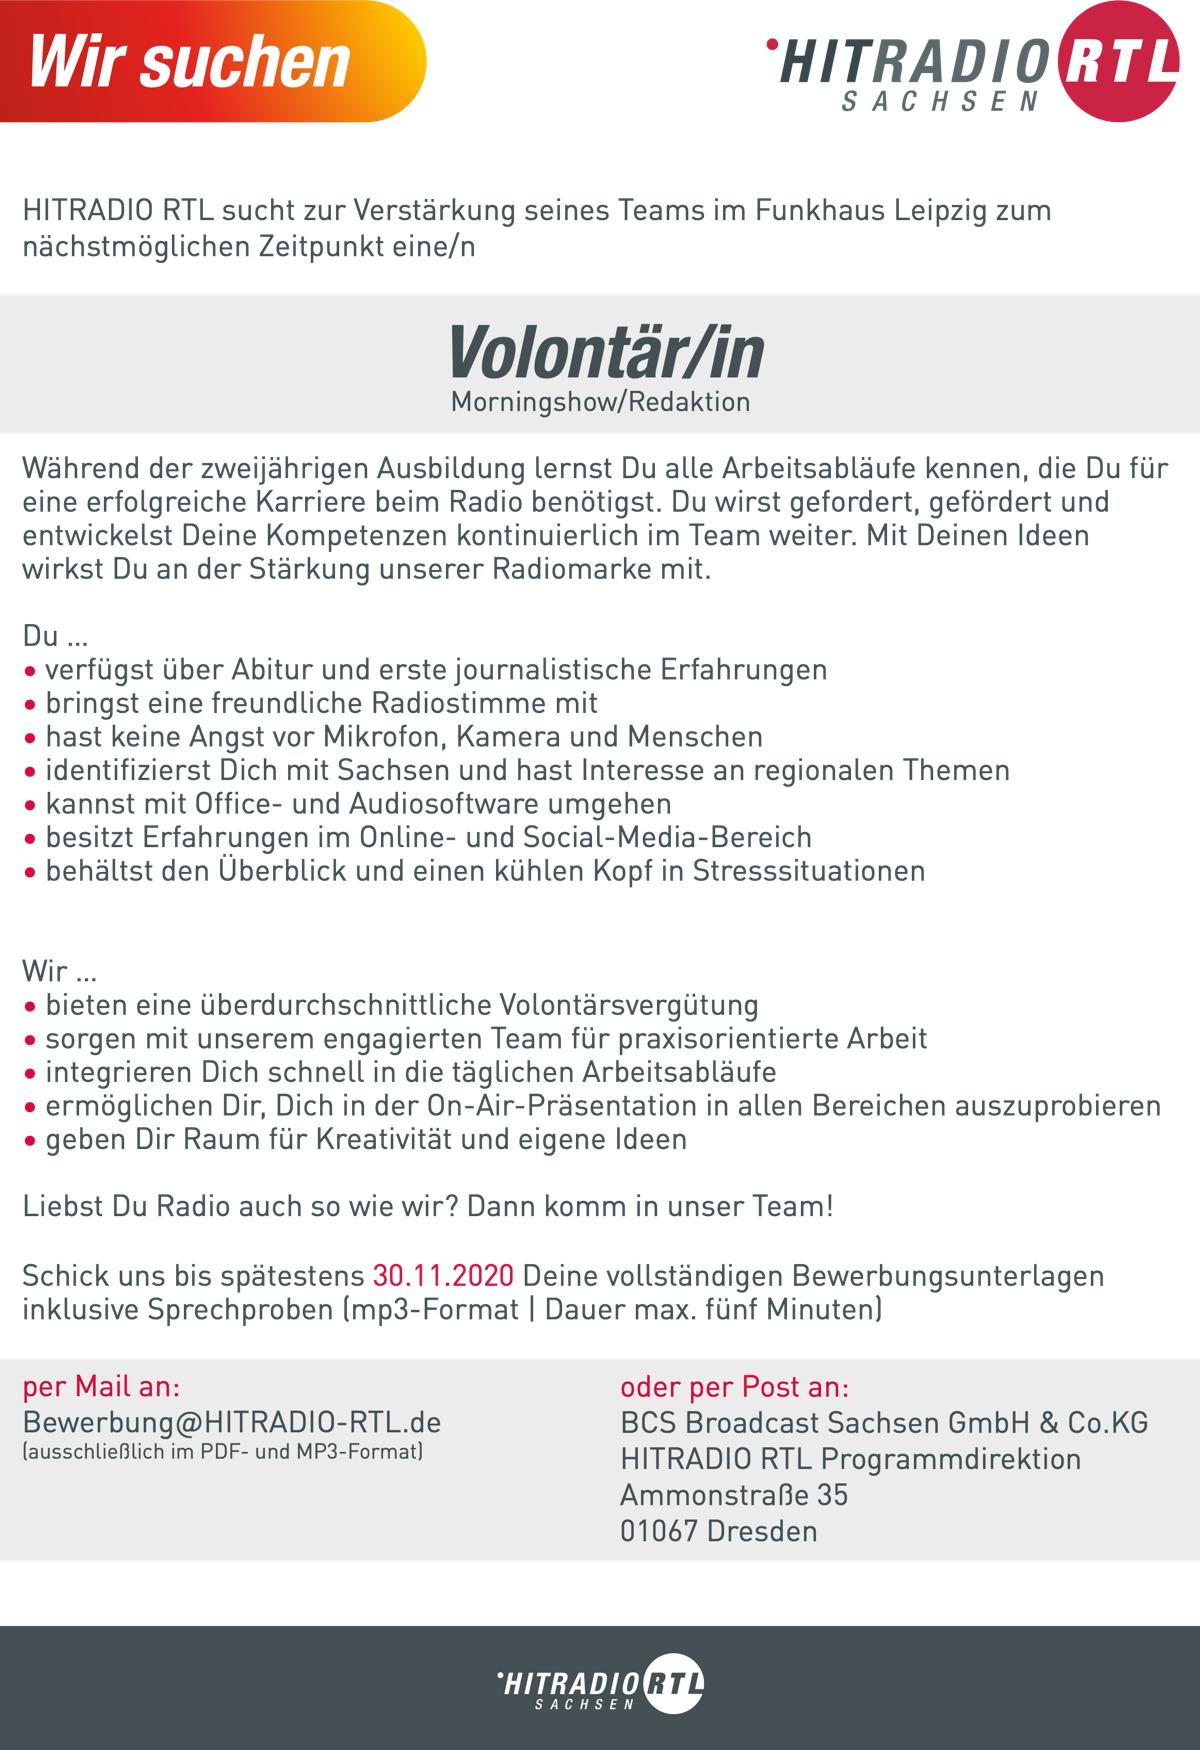 HITRADIO RTL sucht Volontär/in Morningshow/Redaktion